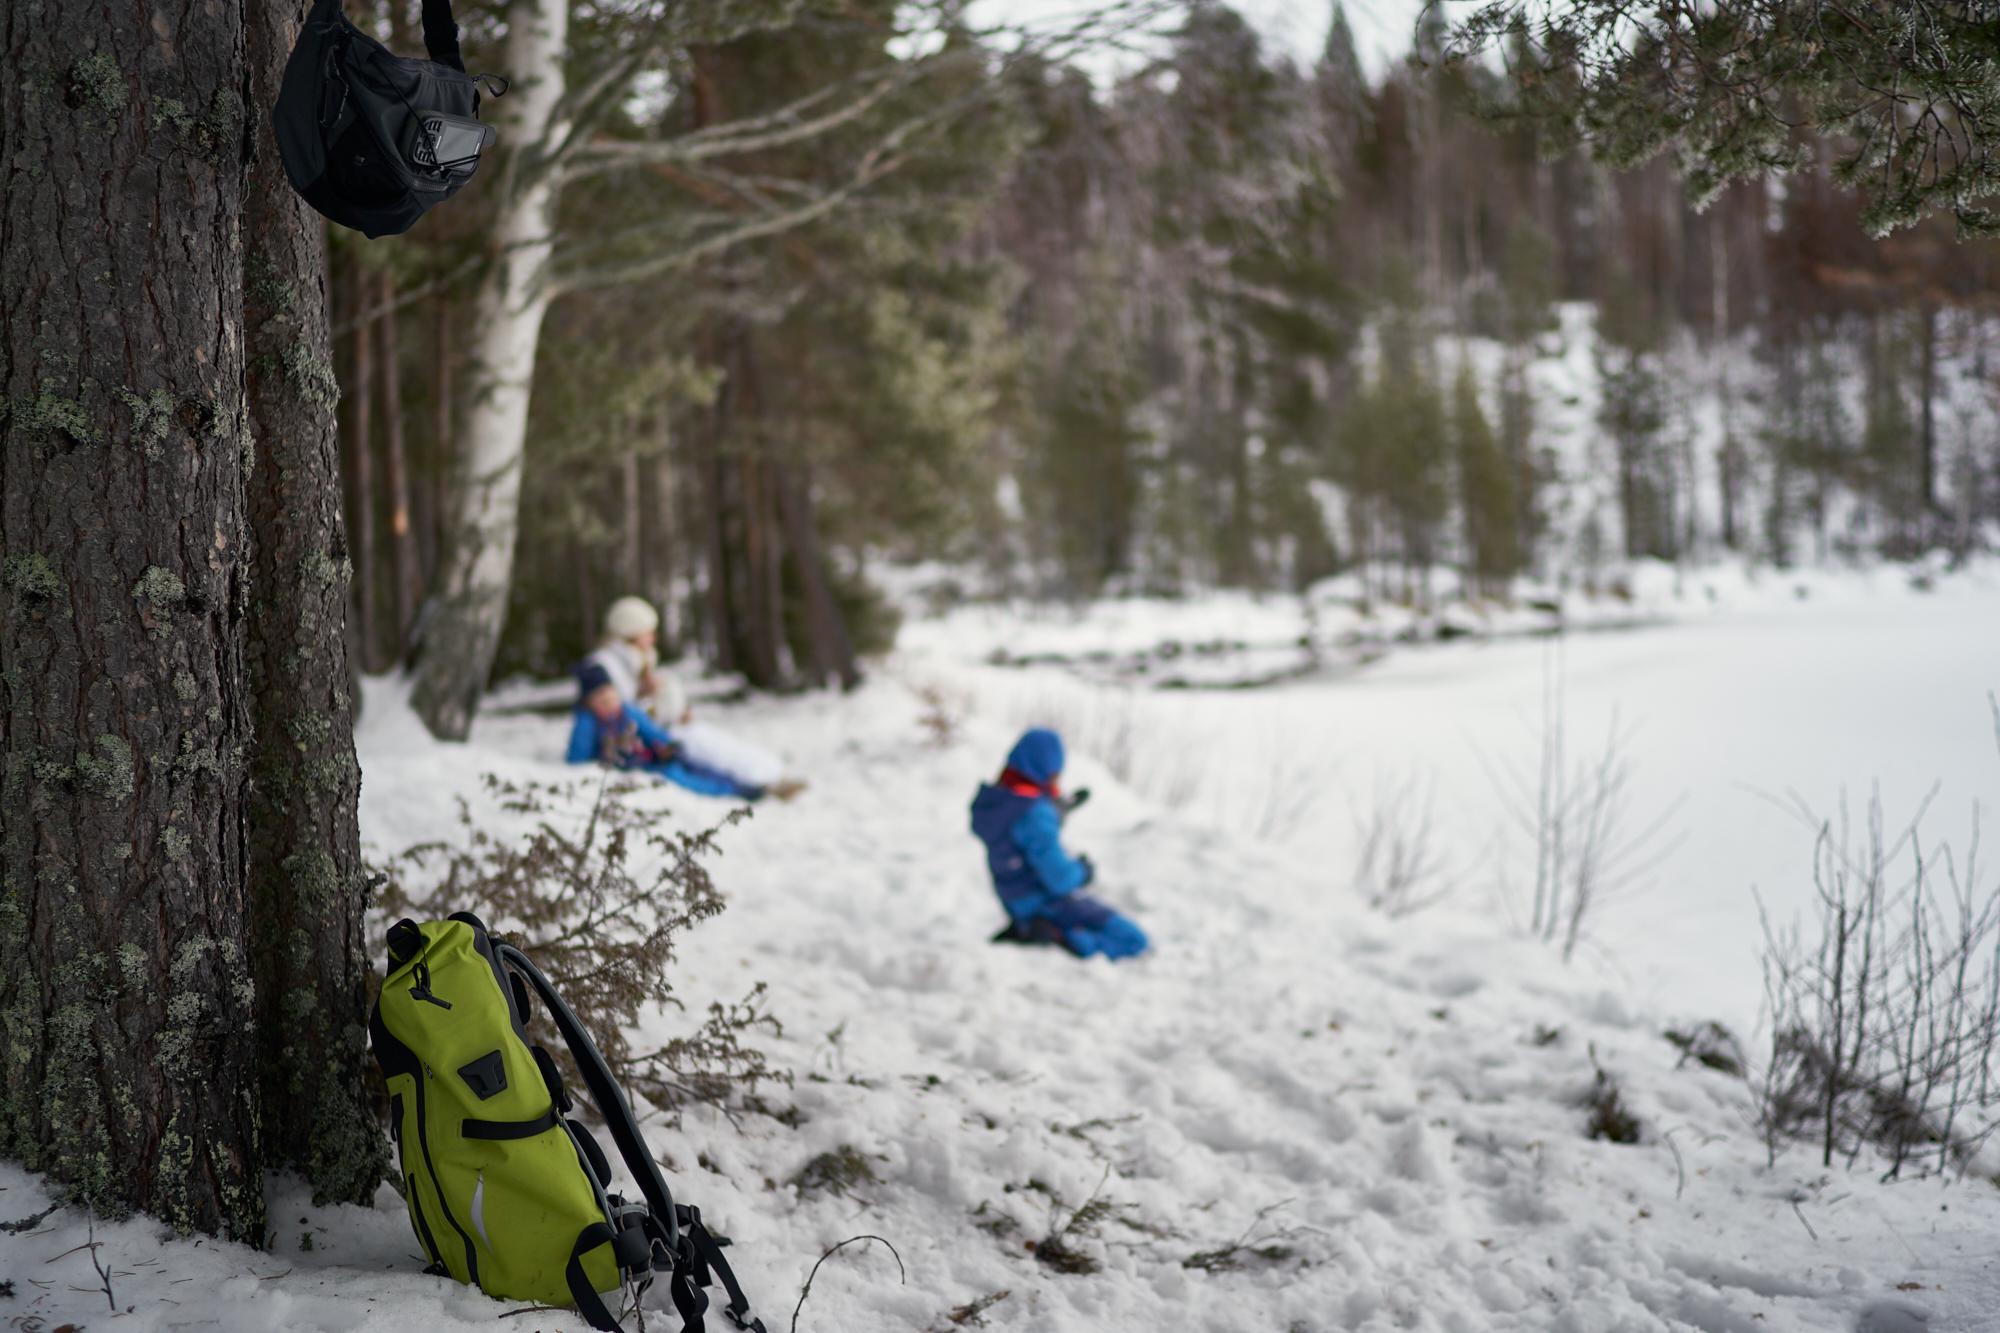 Zweden-2018-NIK01677.jpg